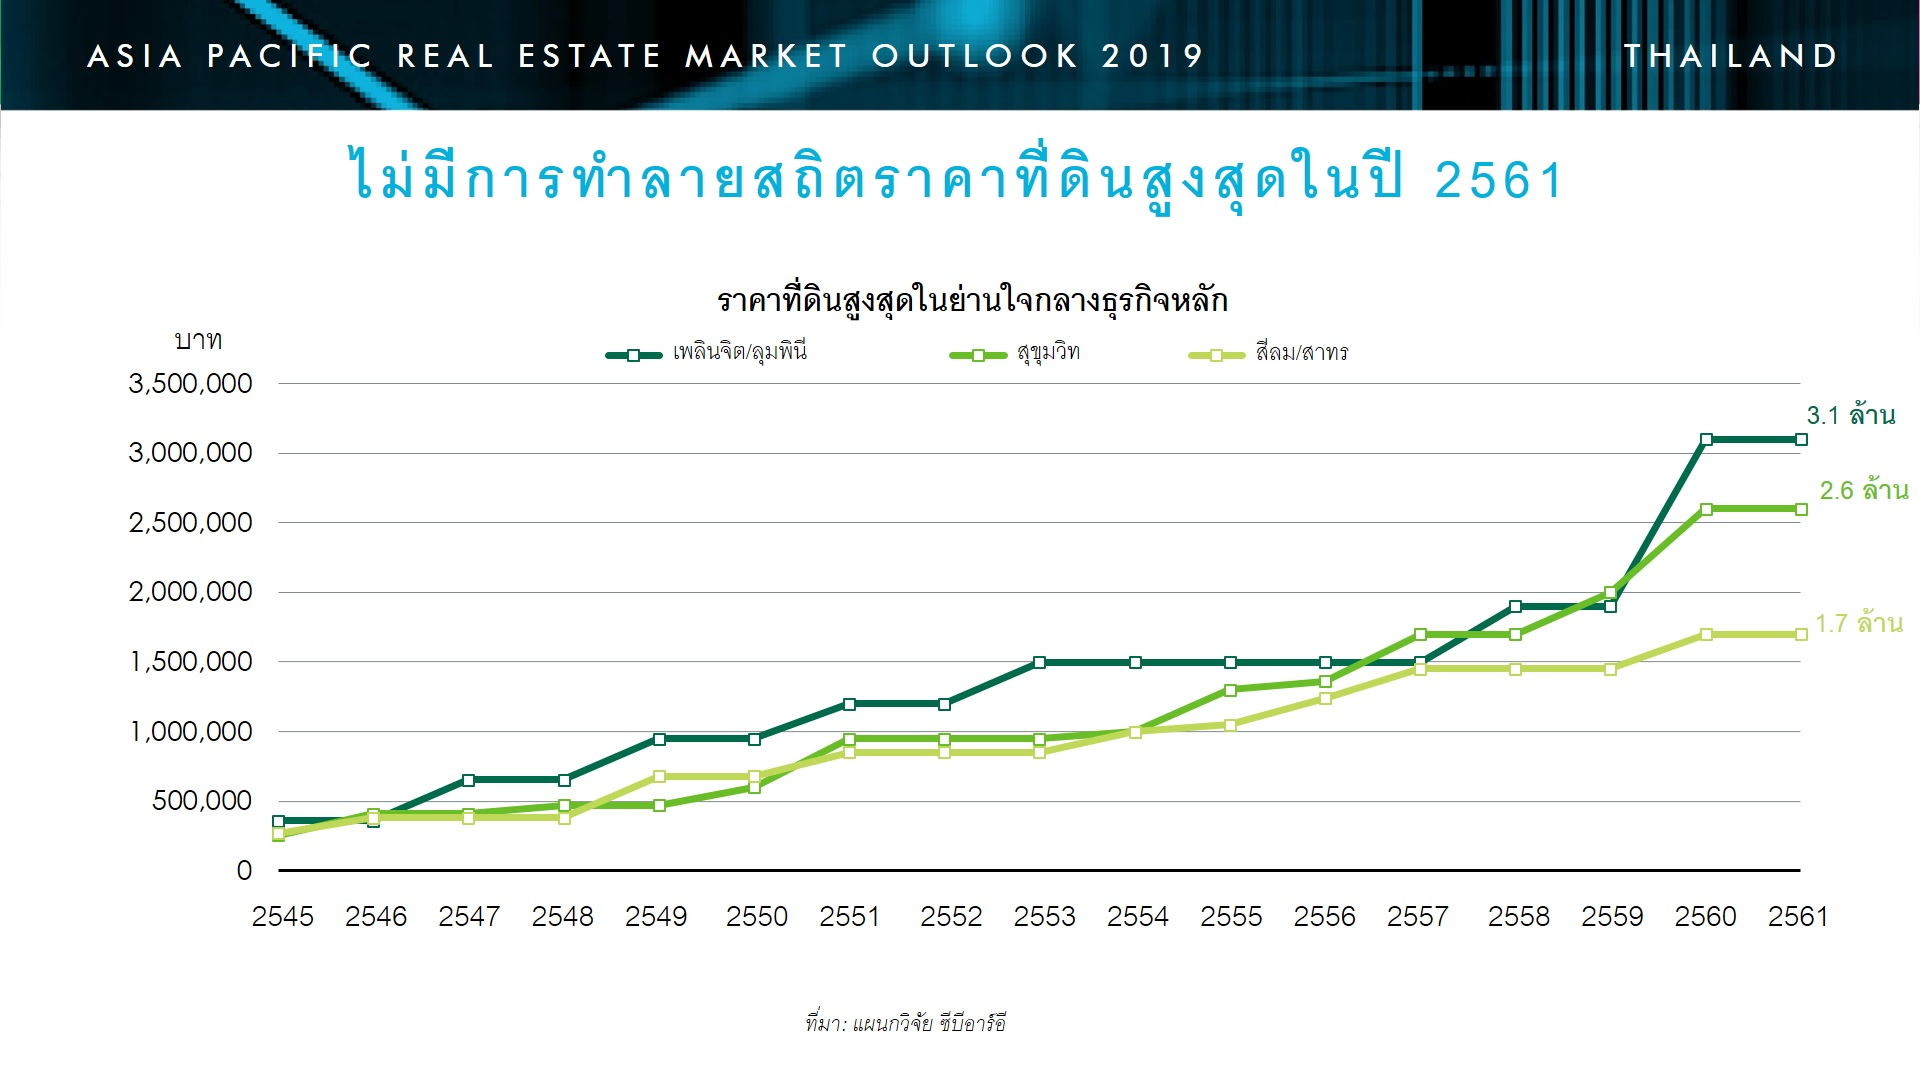 แนวโน้มตลาดอสังหาริมทรัพย์ไทยปี 2562